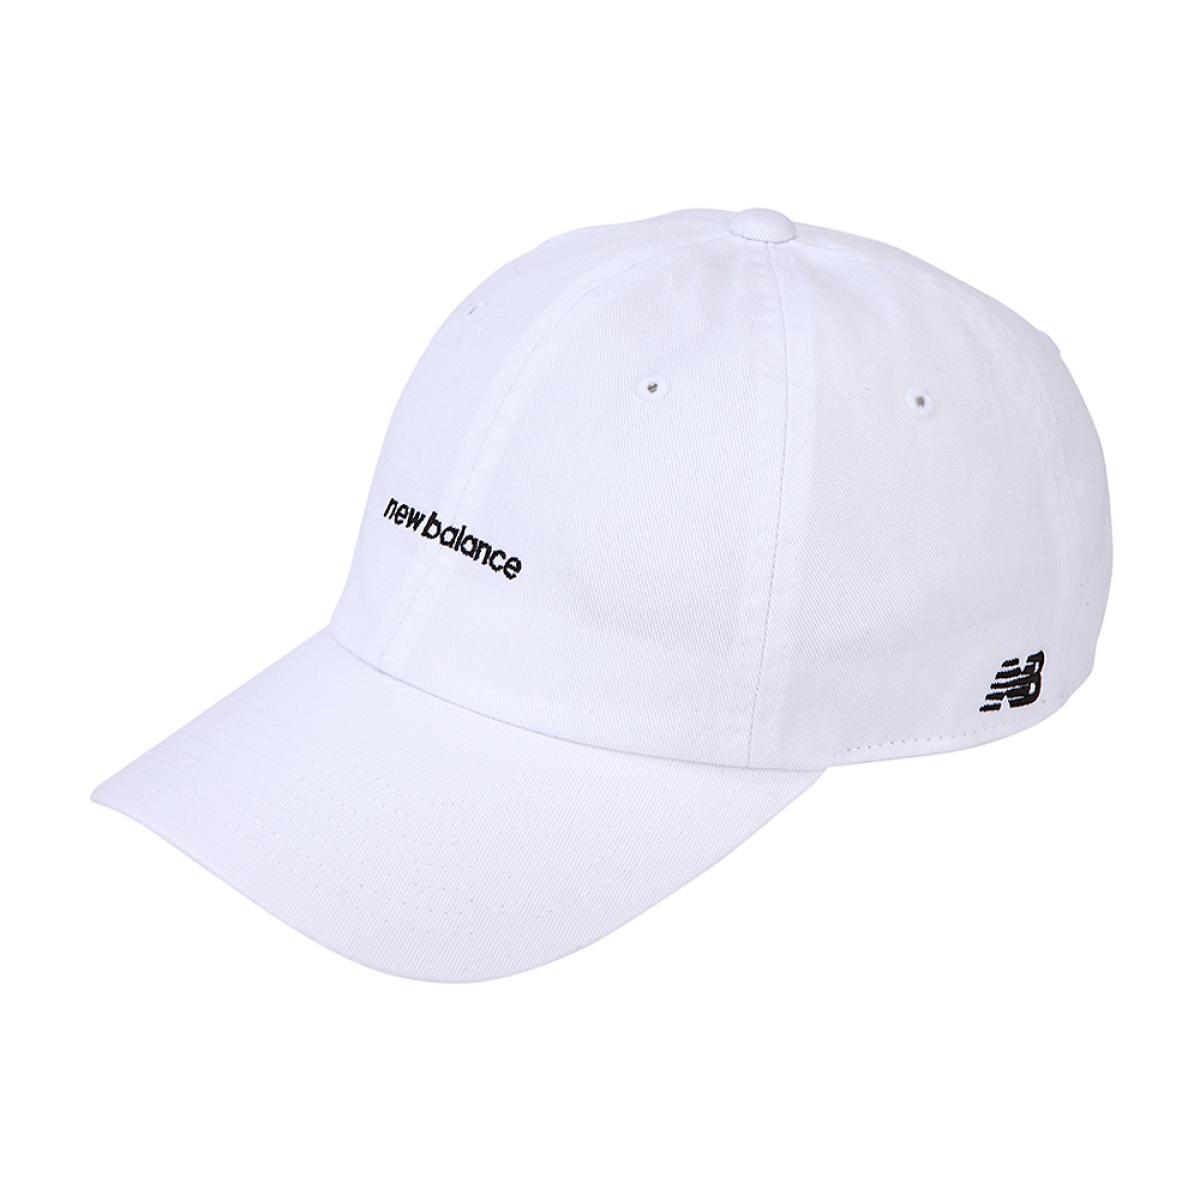 BB_washing cap